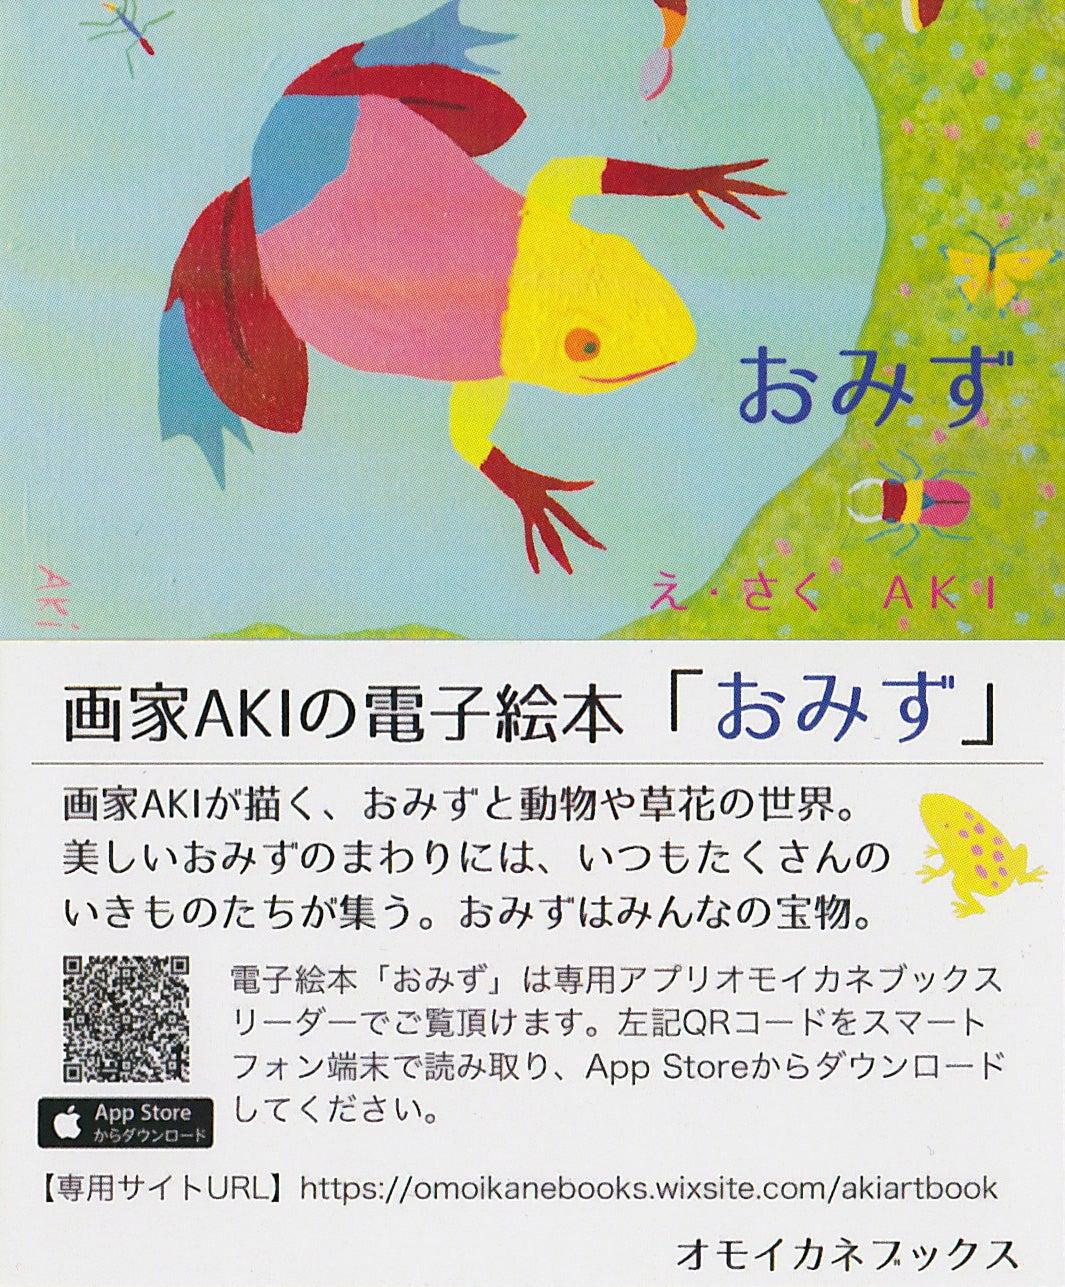 画家AKI イベント情報